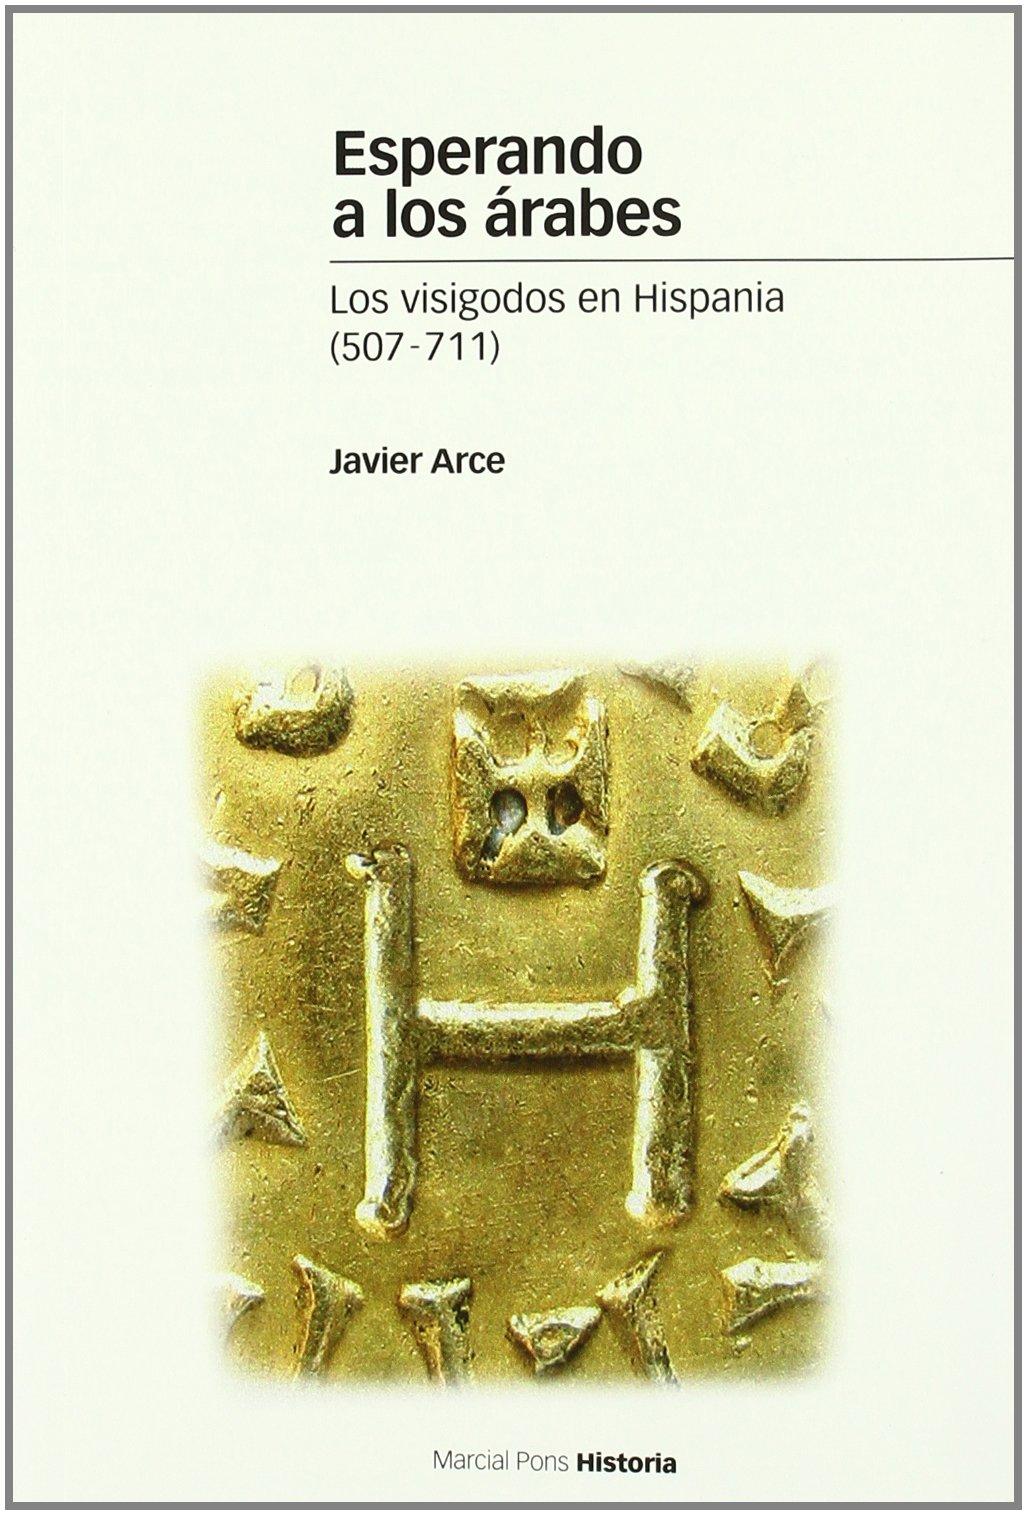 ESPERANDO A LOS ÁRABES: Los visigodos en Hispania 507-711 : 86 Estudios: Amazon.es: Arce, Javier: Libros